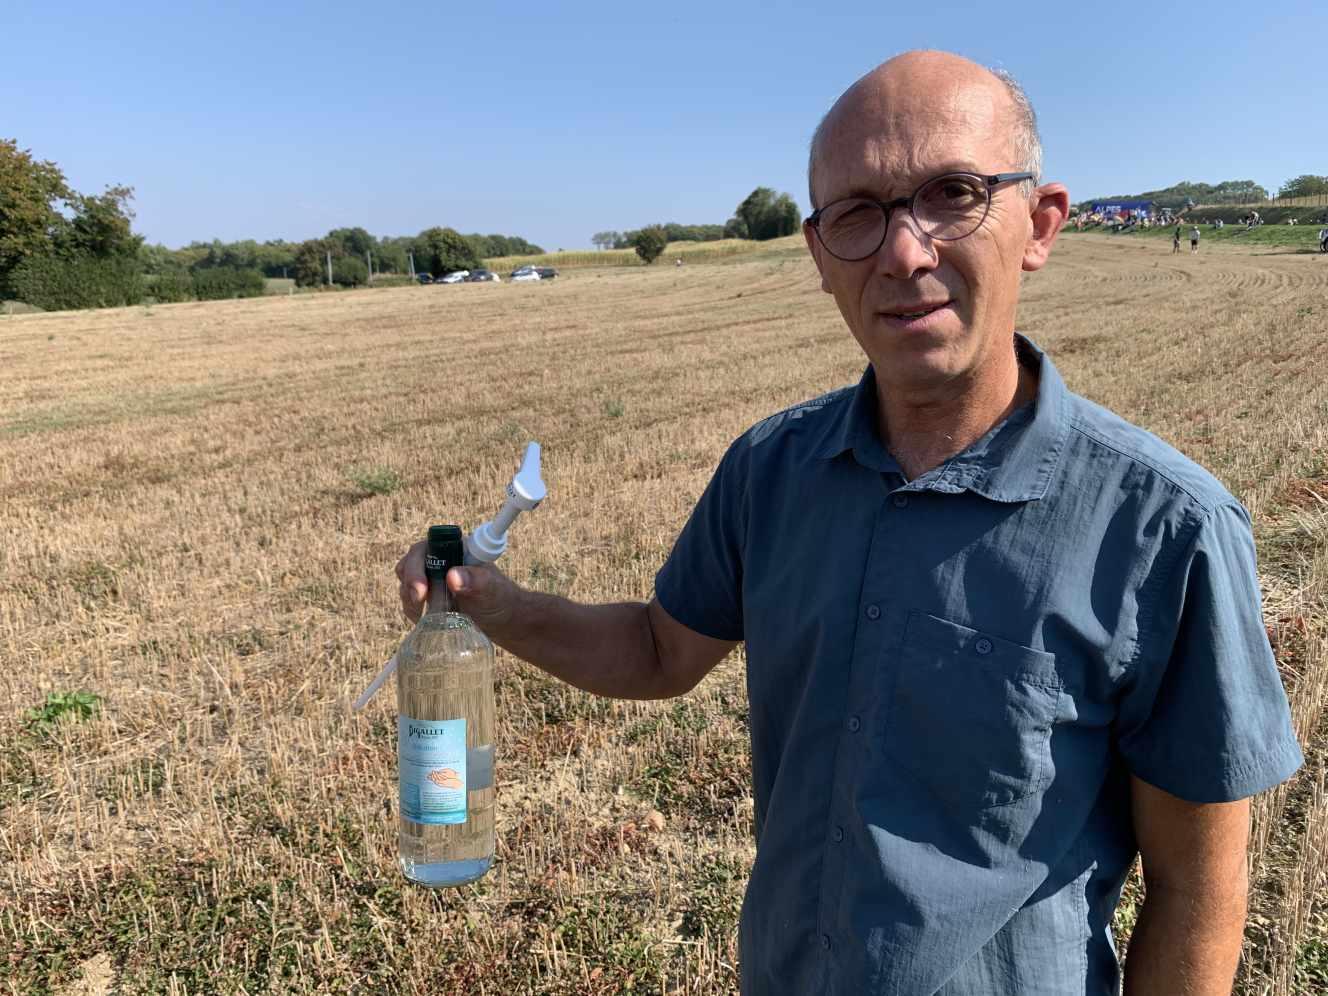 Olivier Giffard, director al companiei Bigallet care produce siropuri, lichioruri si ... gel hidroalcoolic.